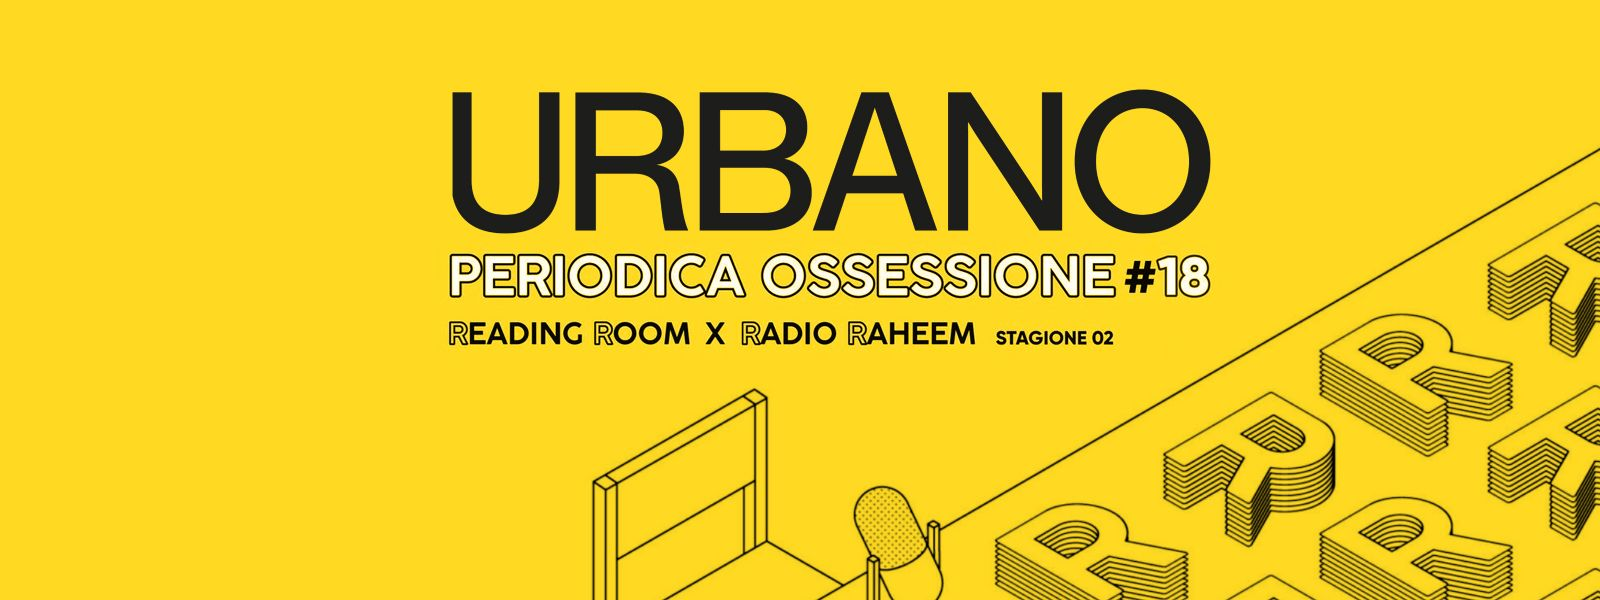 Periodica Ossessione - URBANO